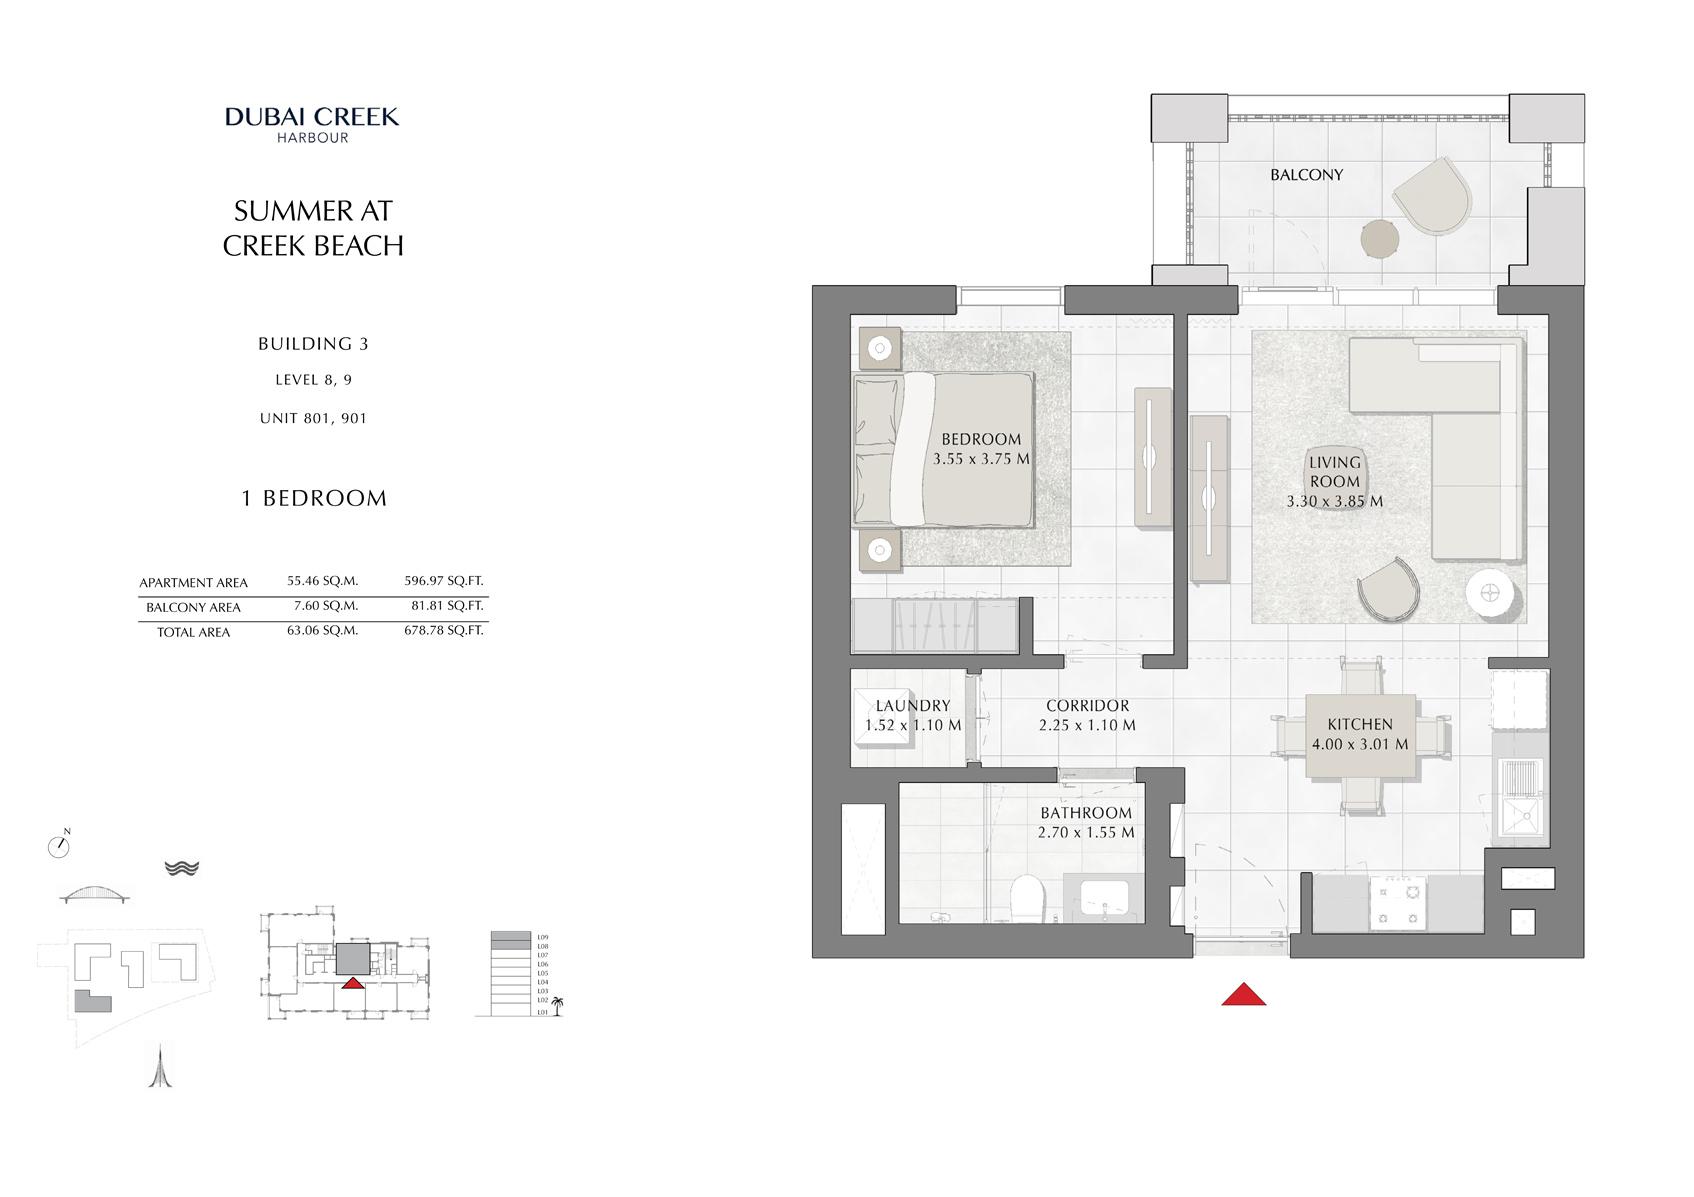 1 Br Building 3 Level-8-9 Unit 801-901, Size 678 Sq Ft